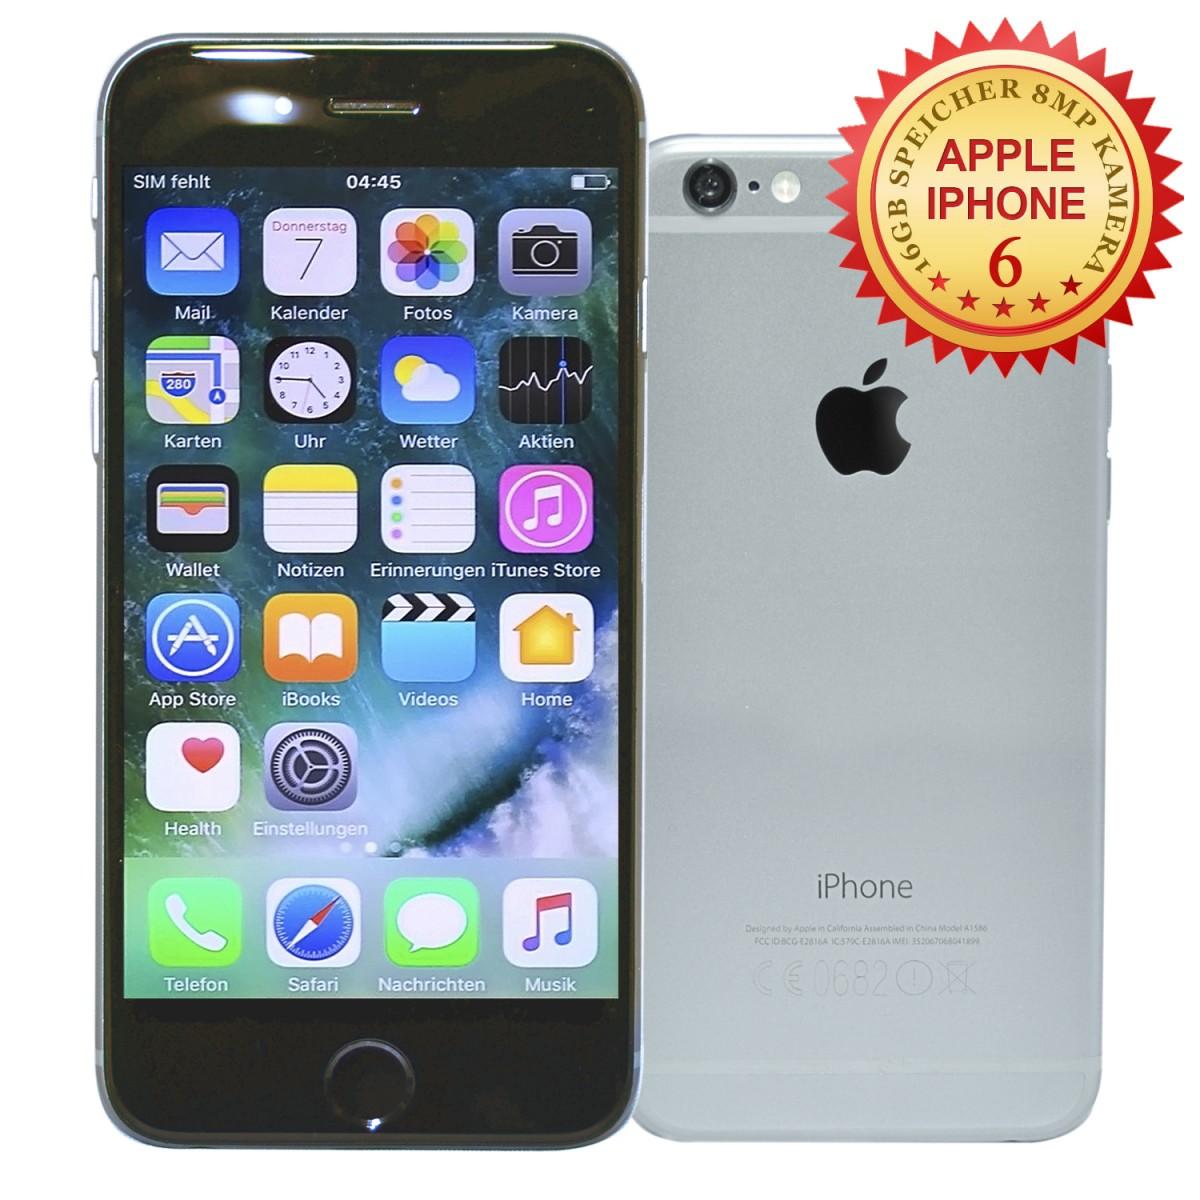 iphone 6 16gb gebraucht ohne vertrag